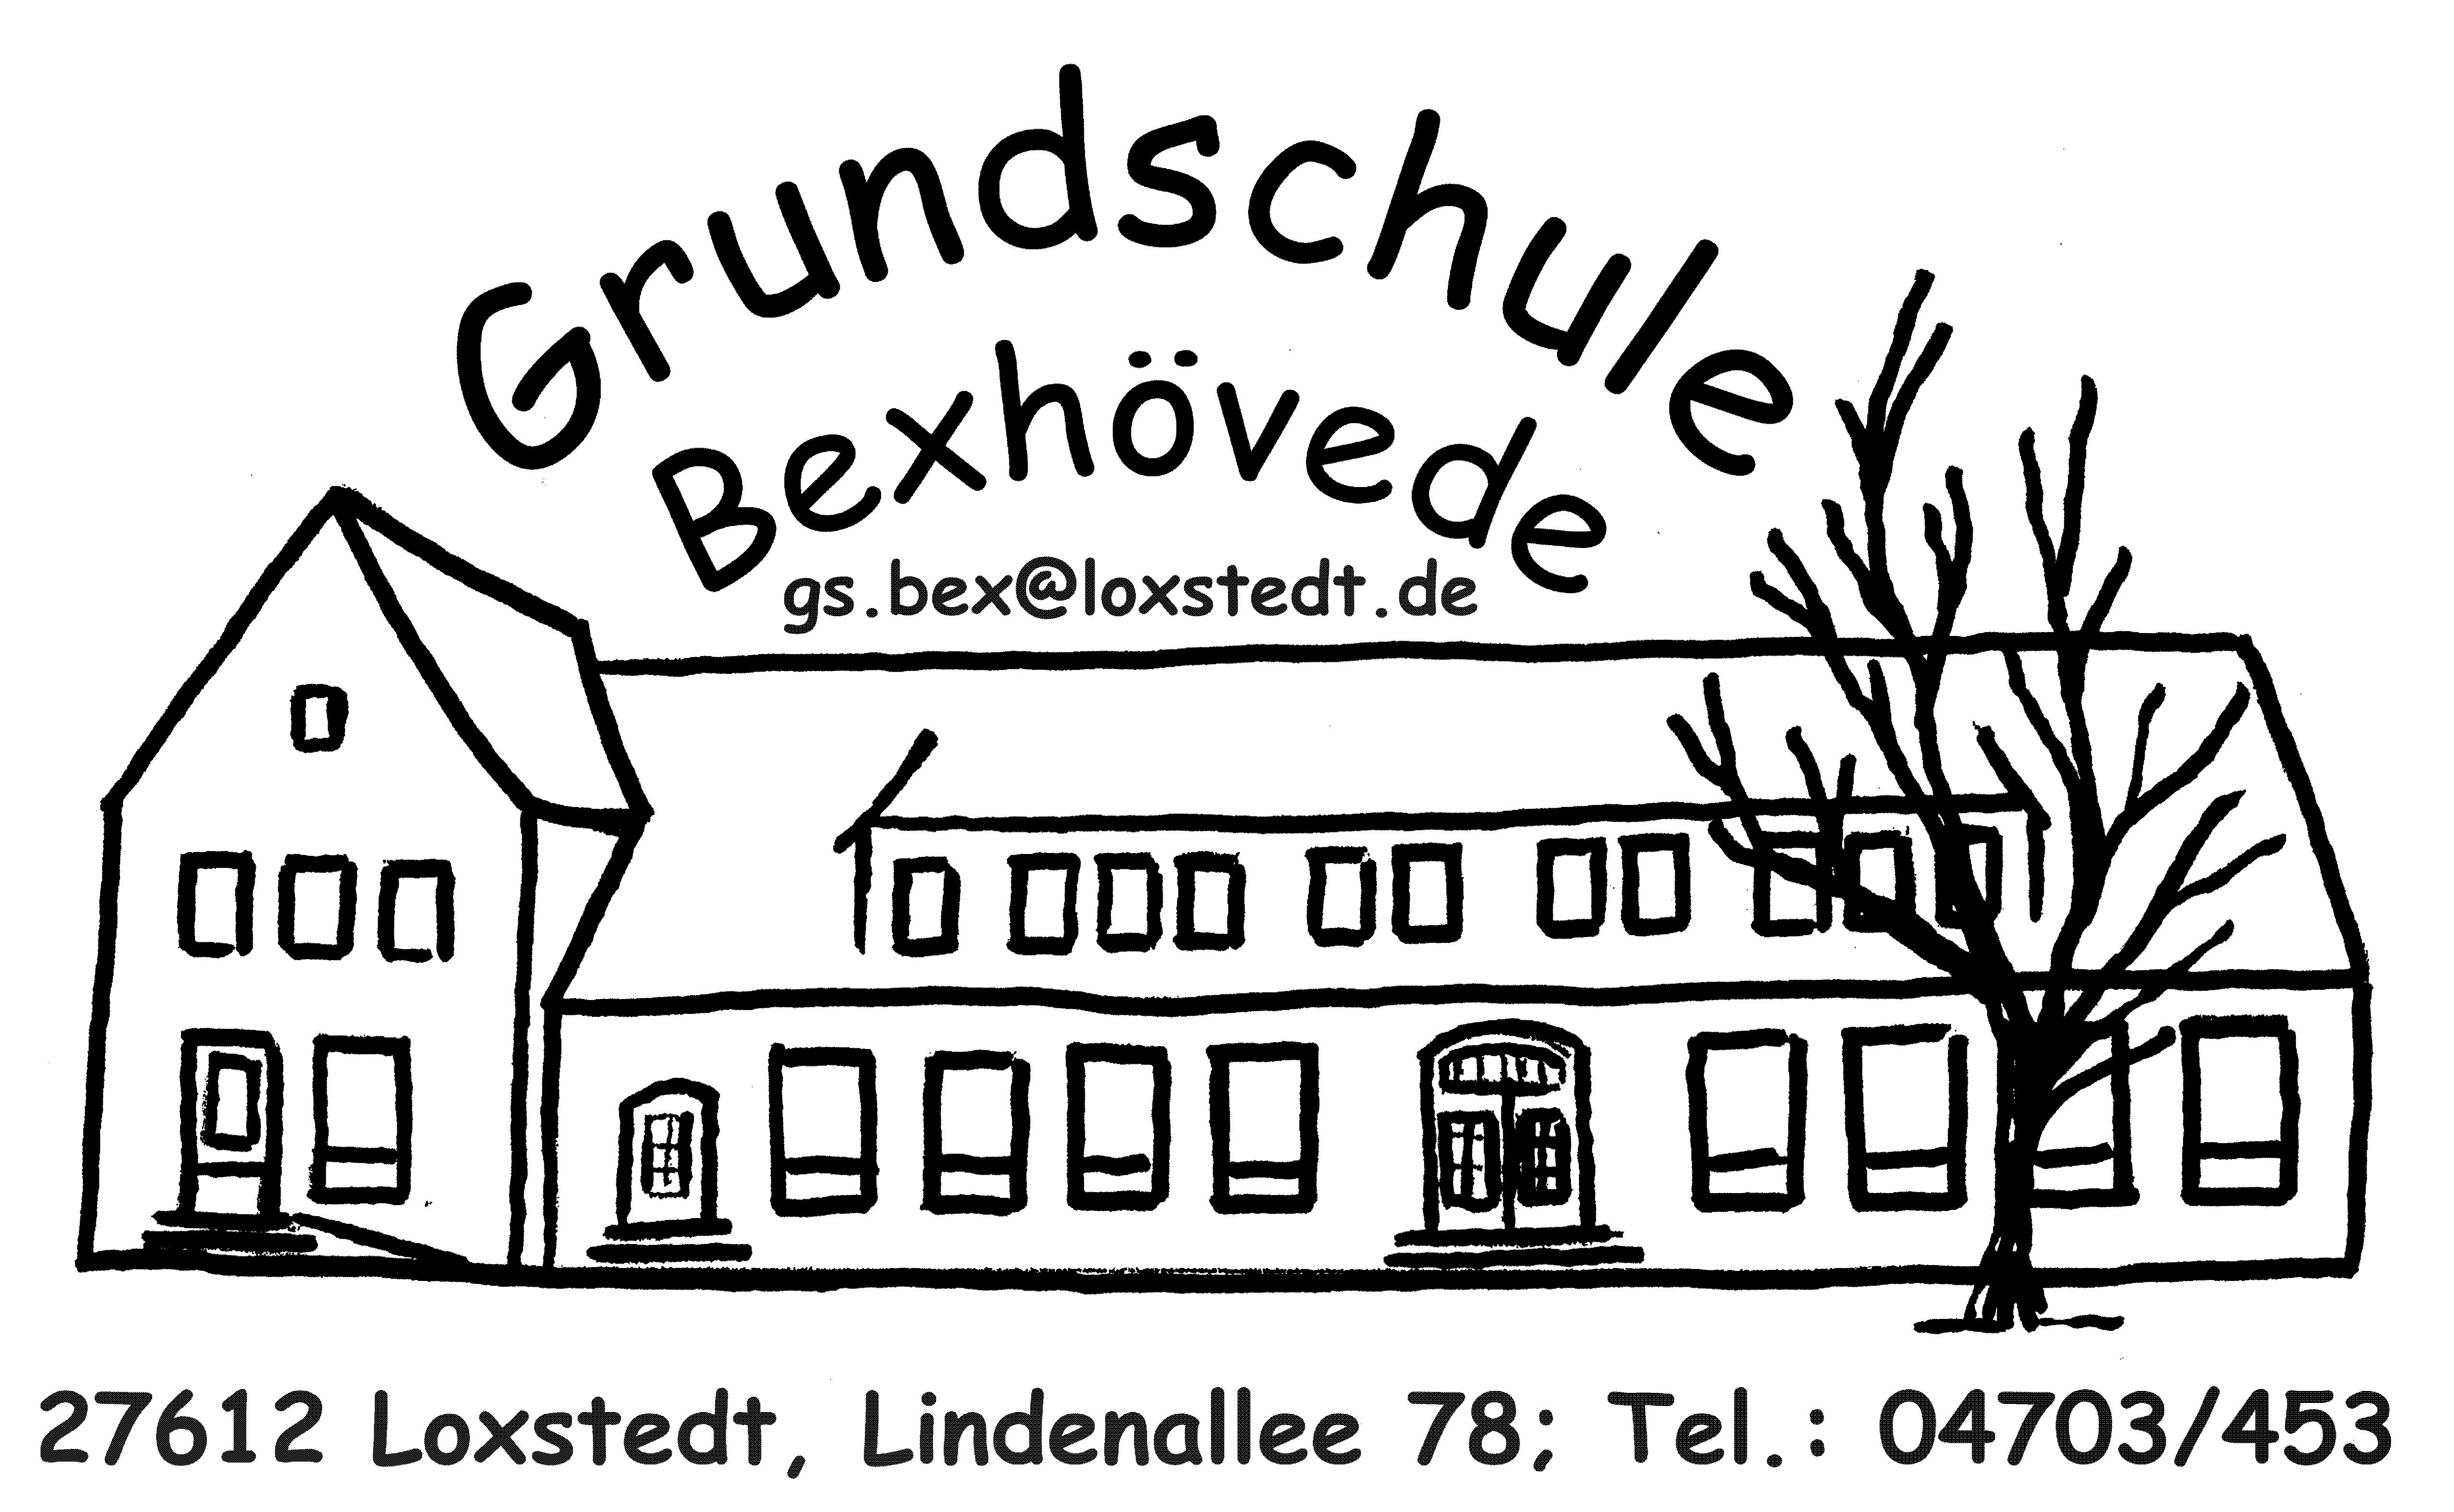 GS Bex